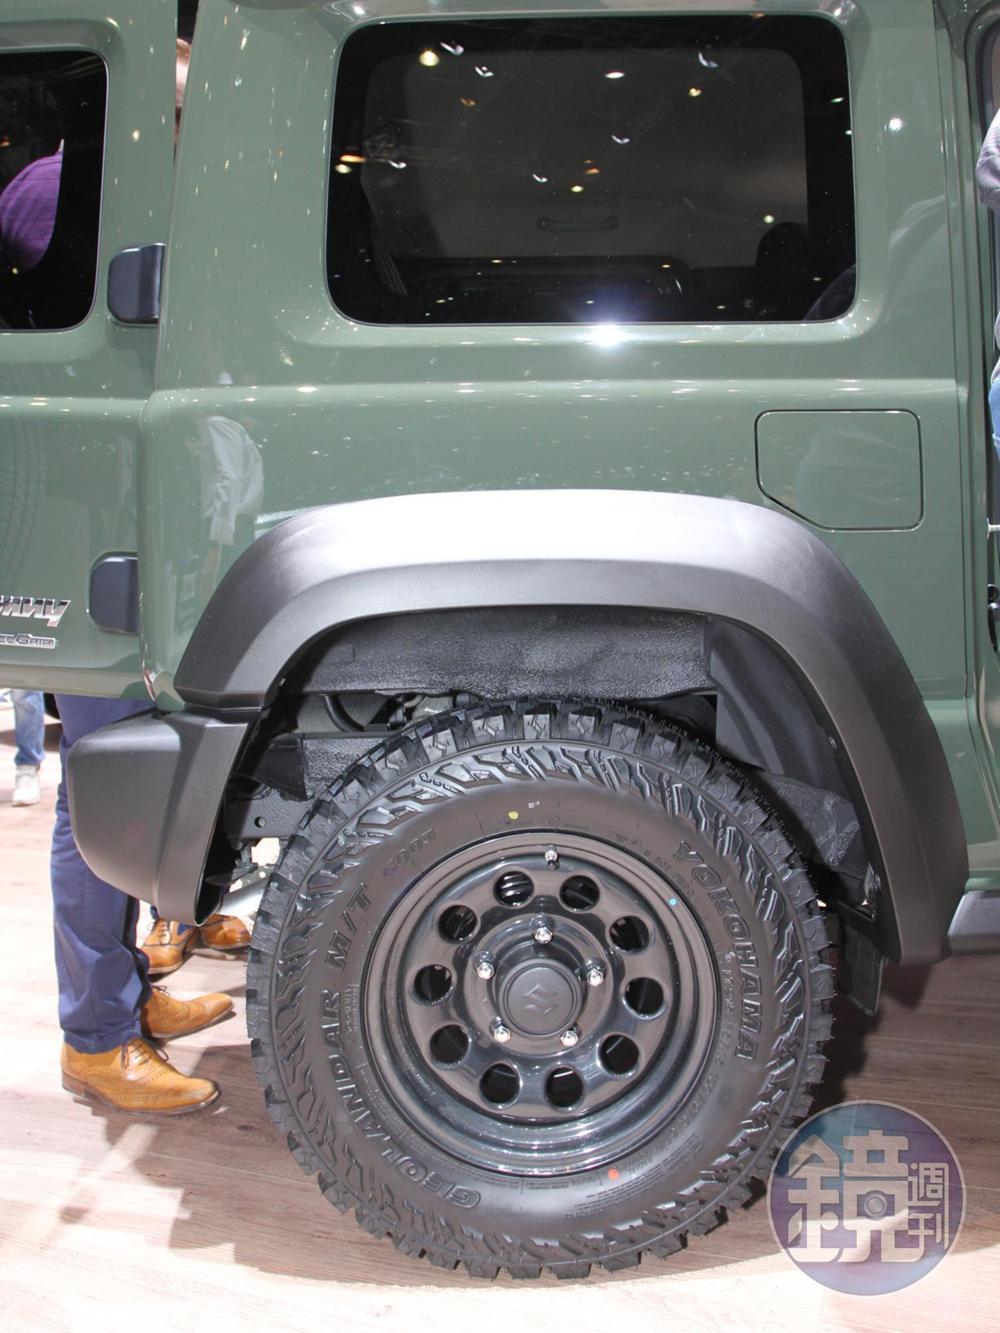 老實說Jimny要配底低調耐用的鐵圈才是王道。圖為在日內瓦車展所攝的瑞士限量版。